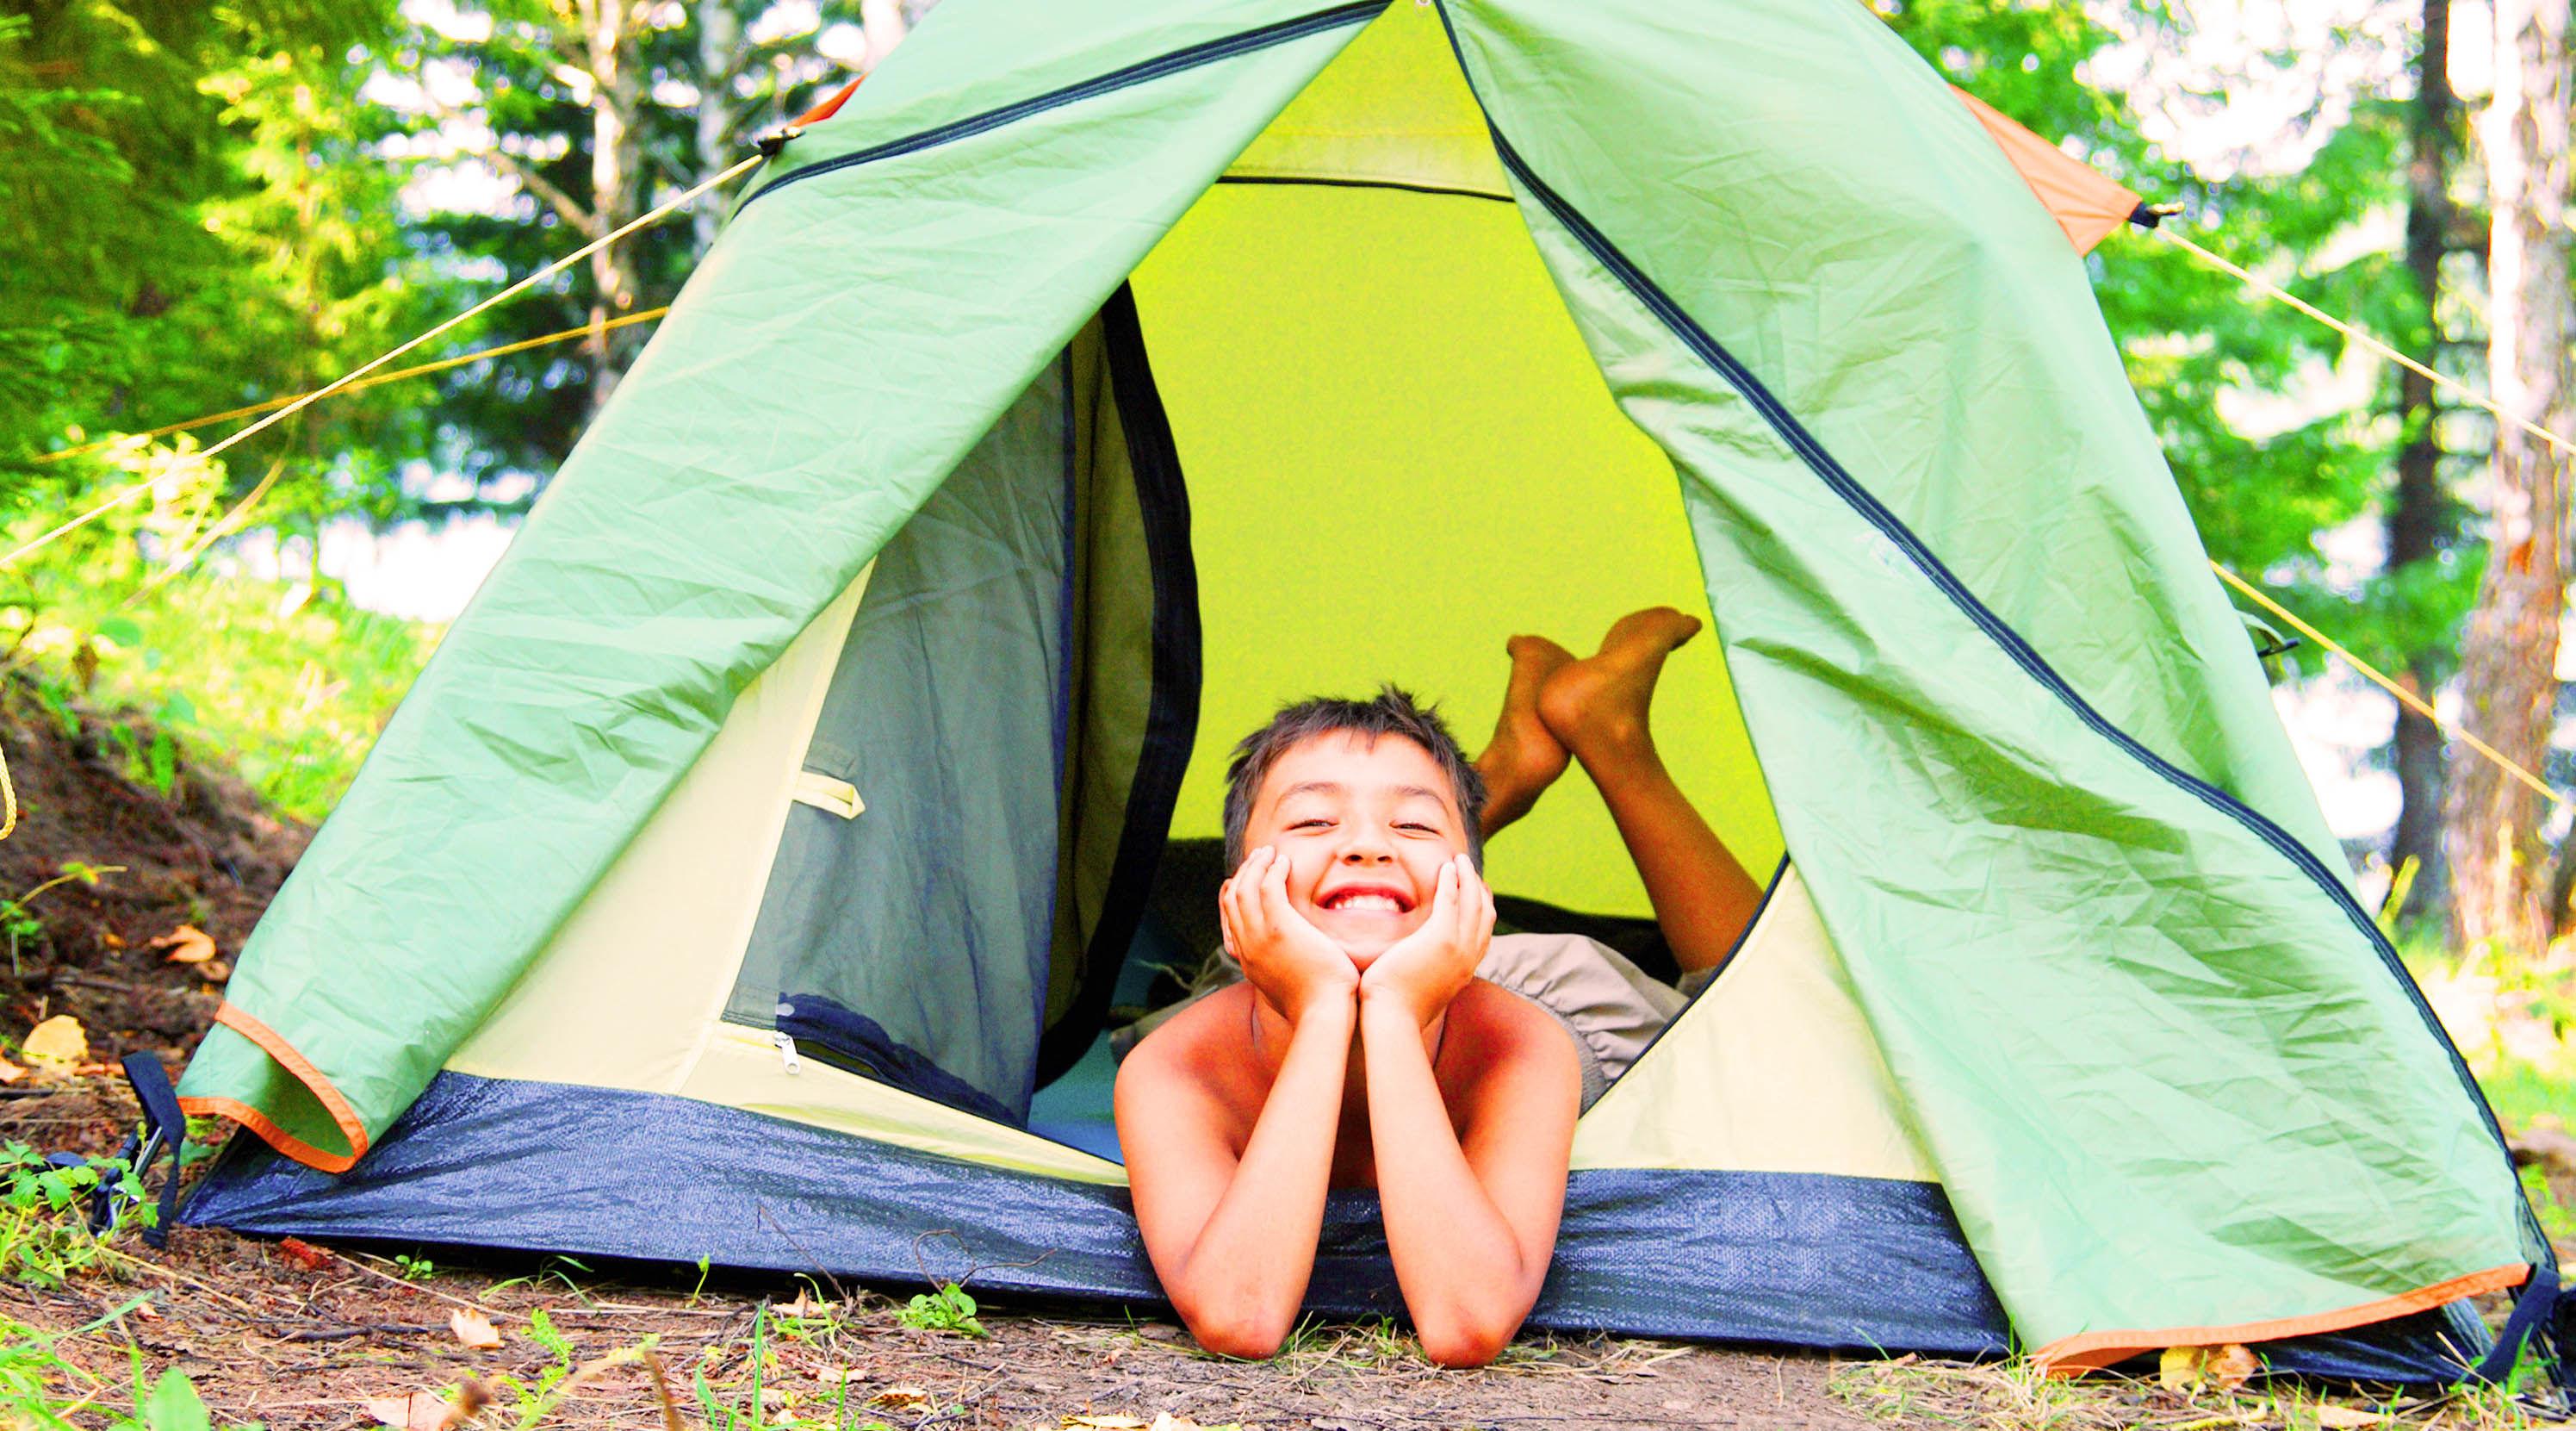 【大自然に学ぼう】キャンプに行くことで気づく、人生に大切な「14のコト」